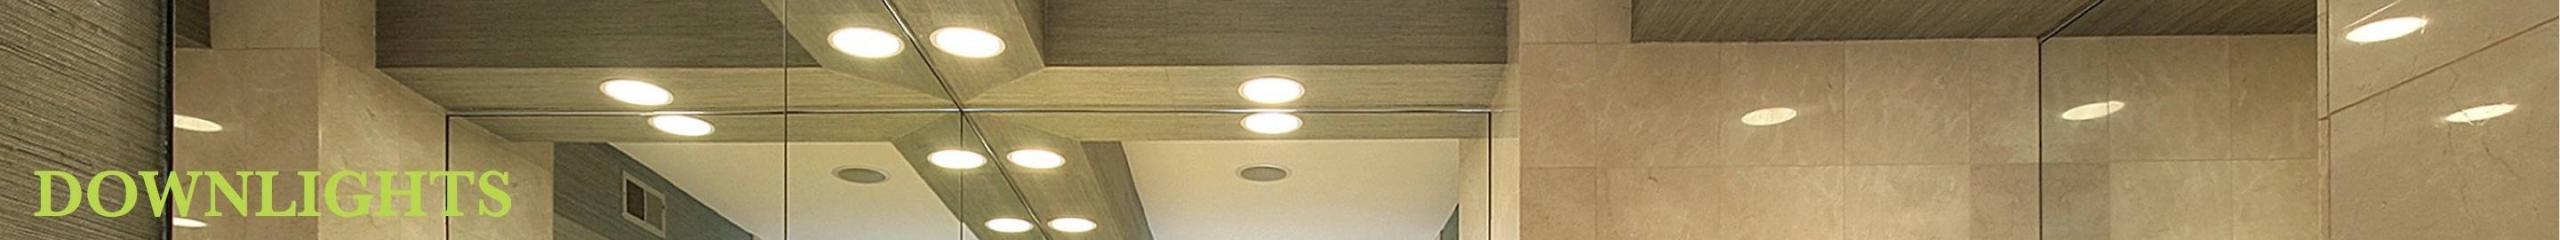 Downlights Redondos LED